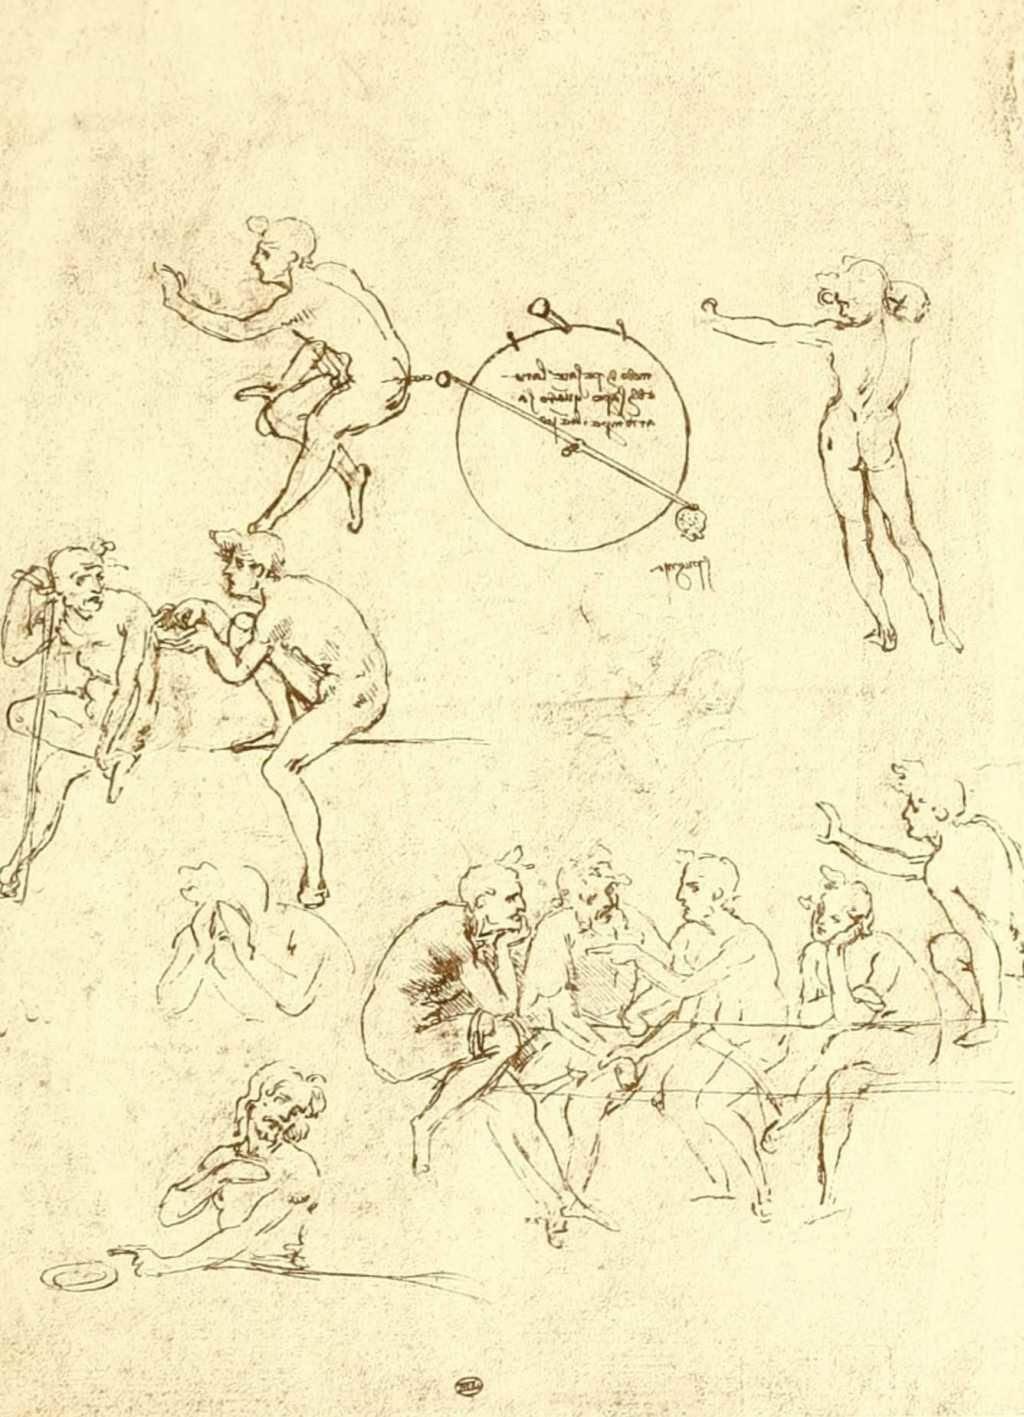 Dessin De Léonard De Vinci Croquis De Figures Education